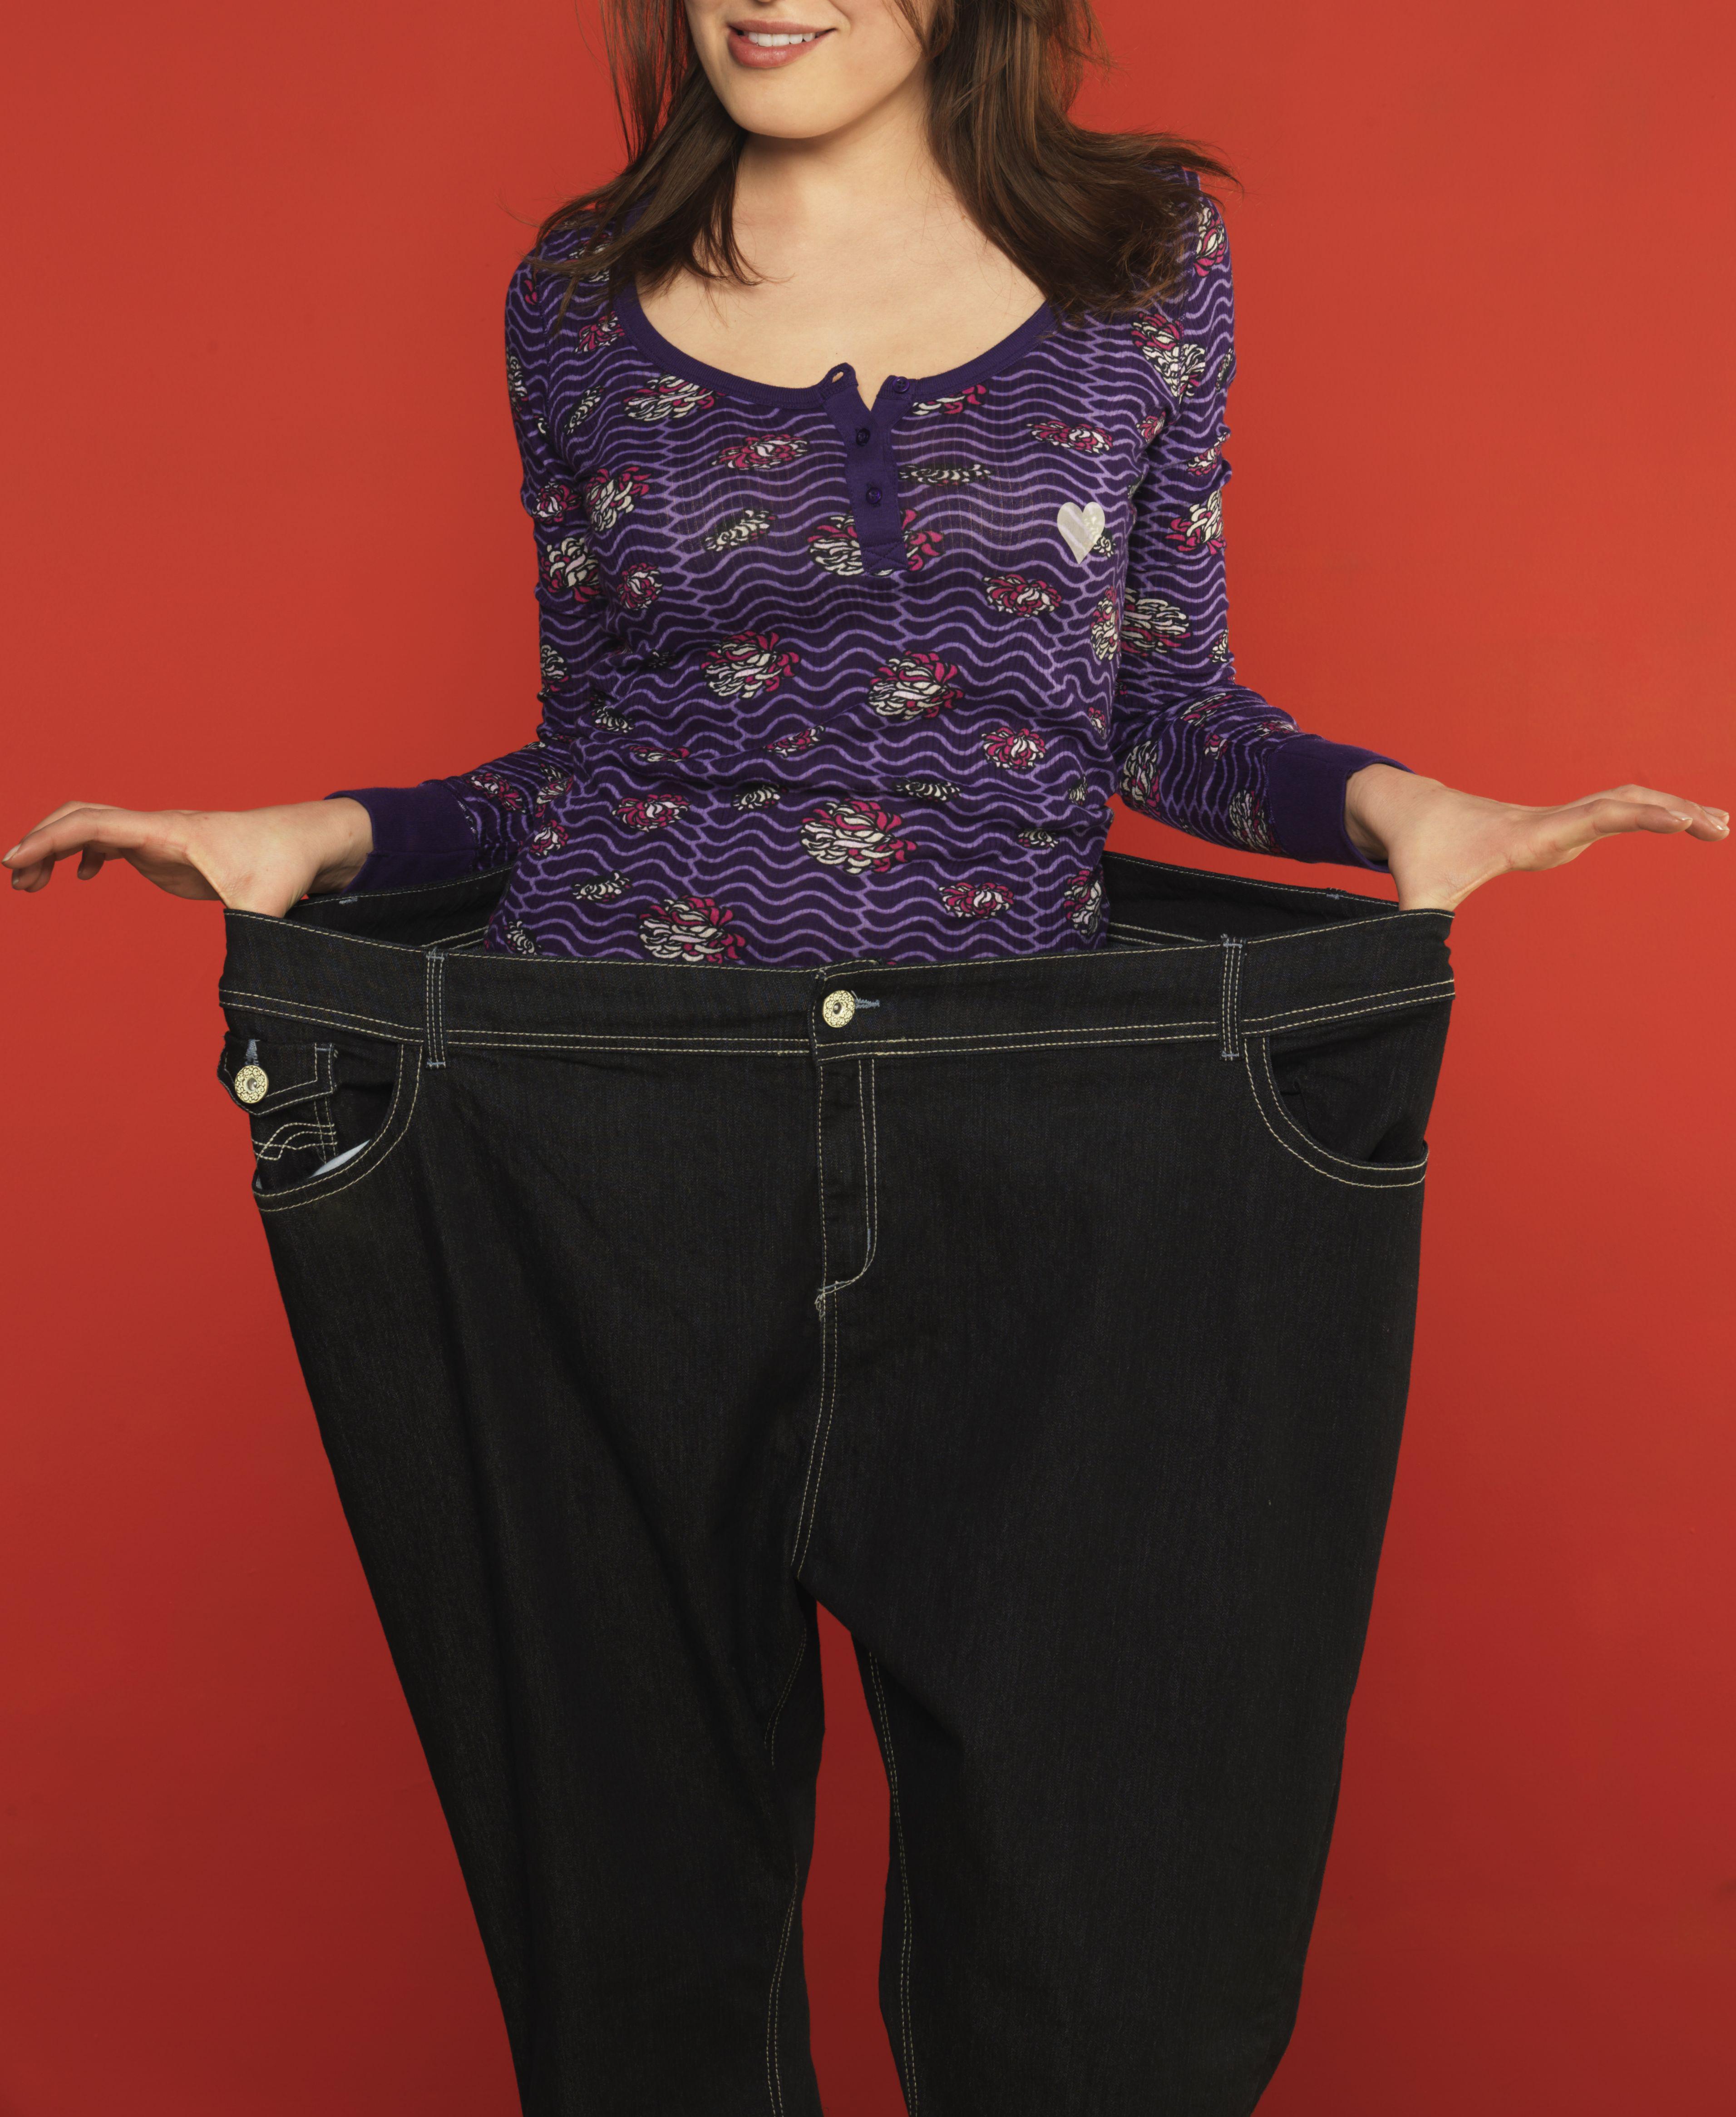 jeans långa tjejer